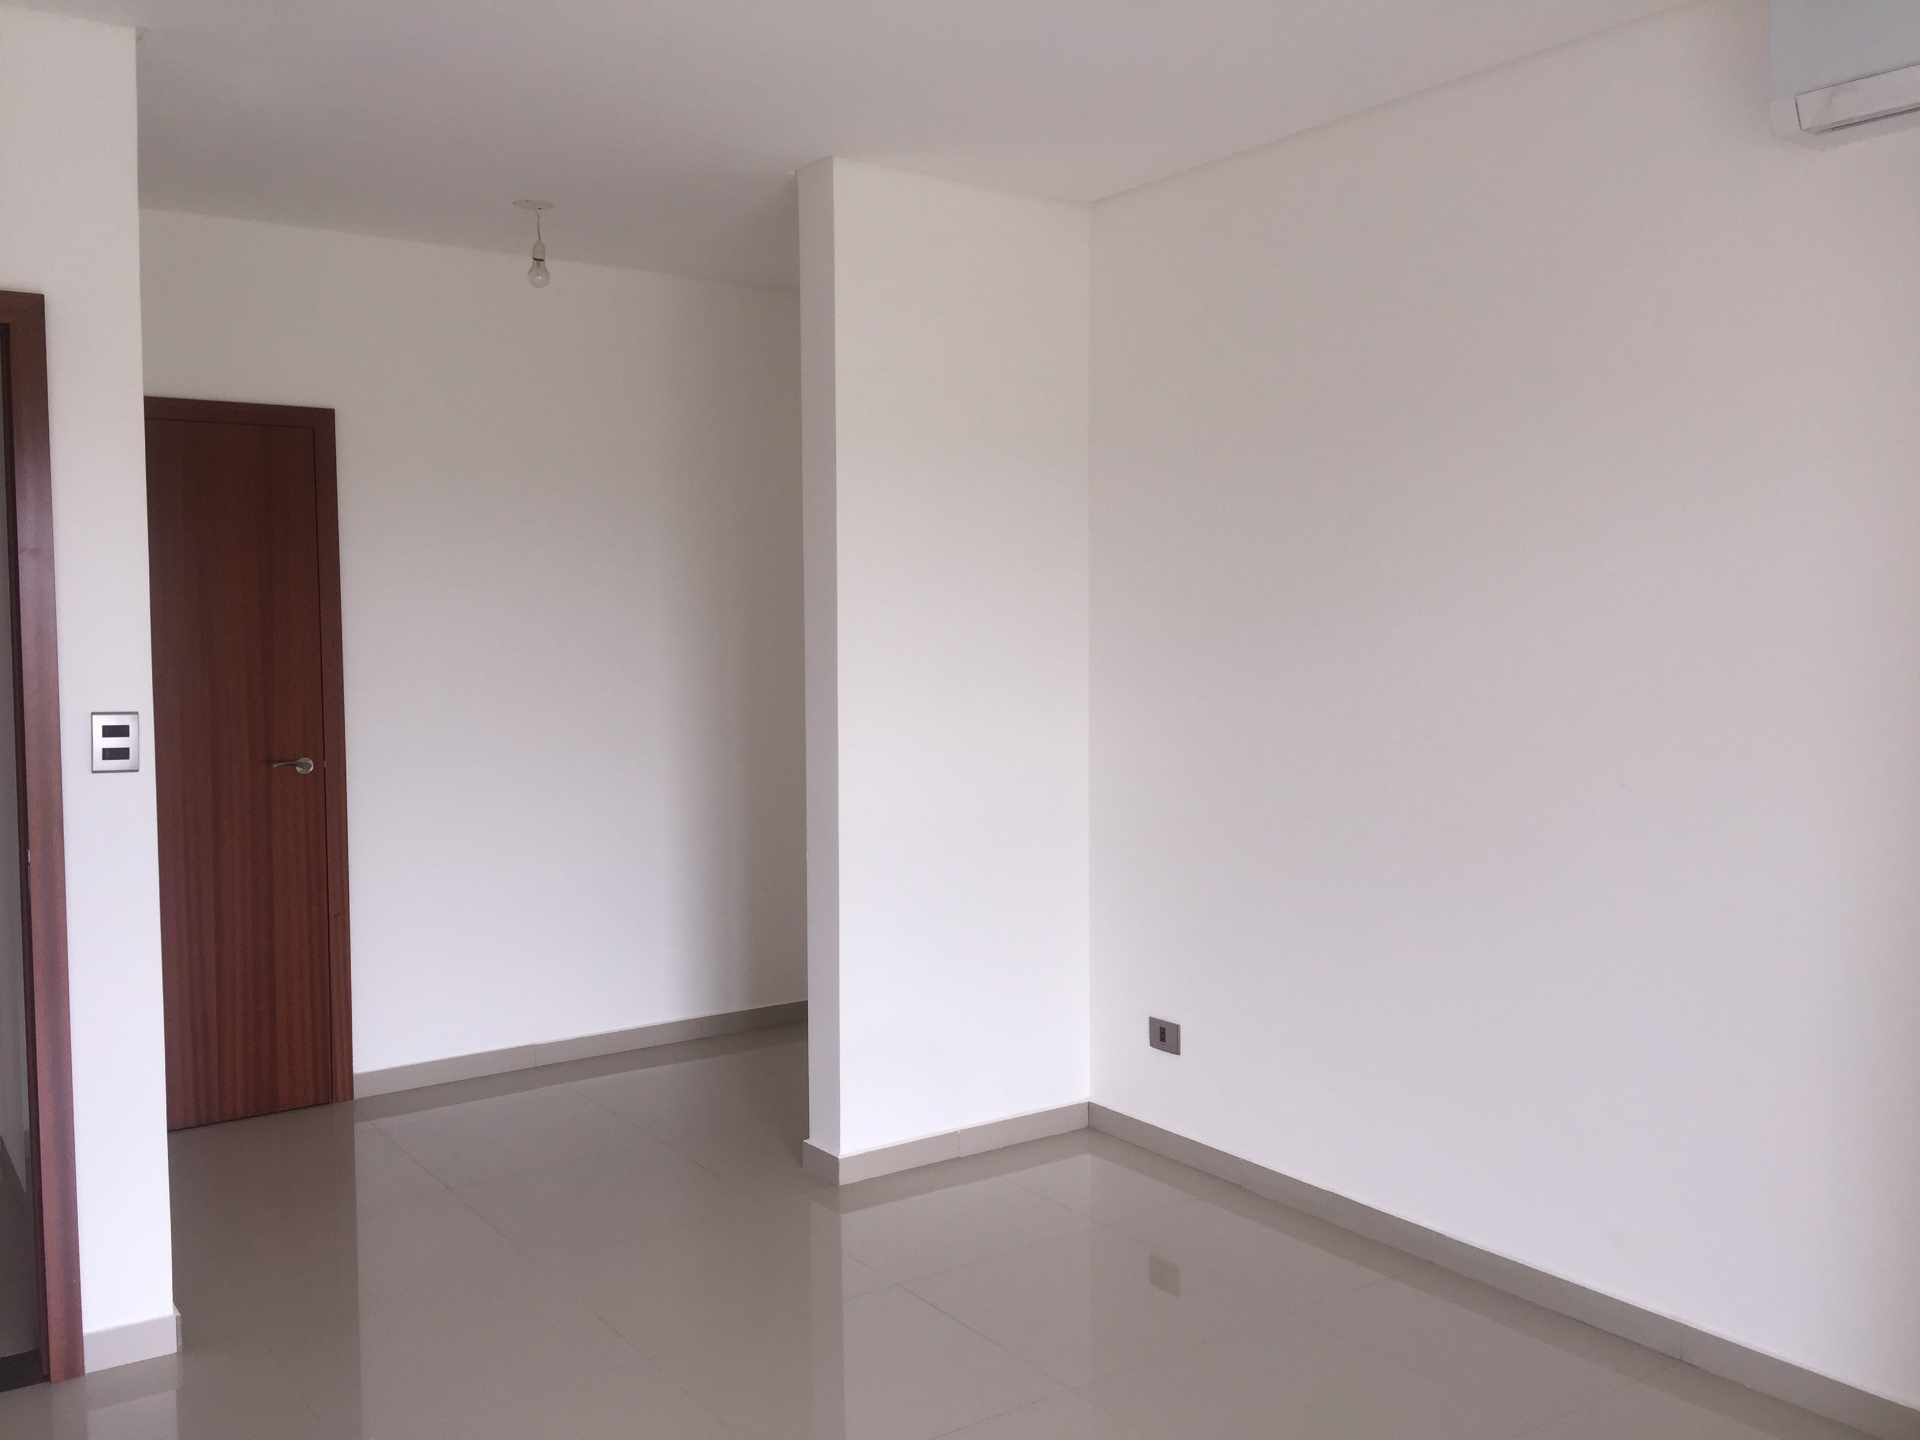 Departamento en Venta Av. Beni 5º Anillo, Av. Humberto Leigue Foto 11